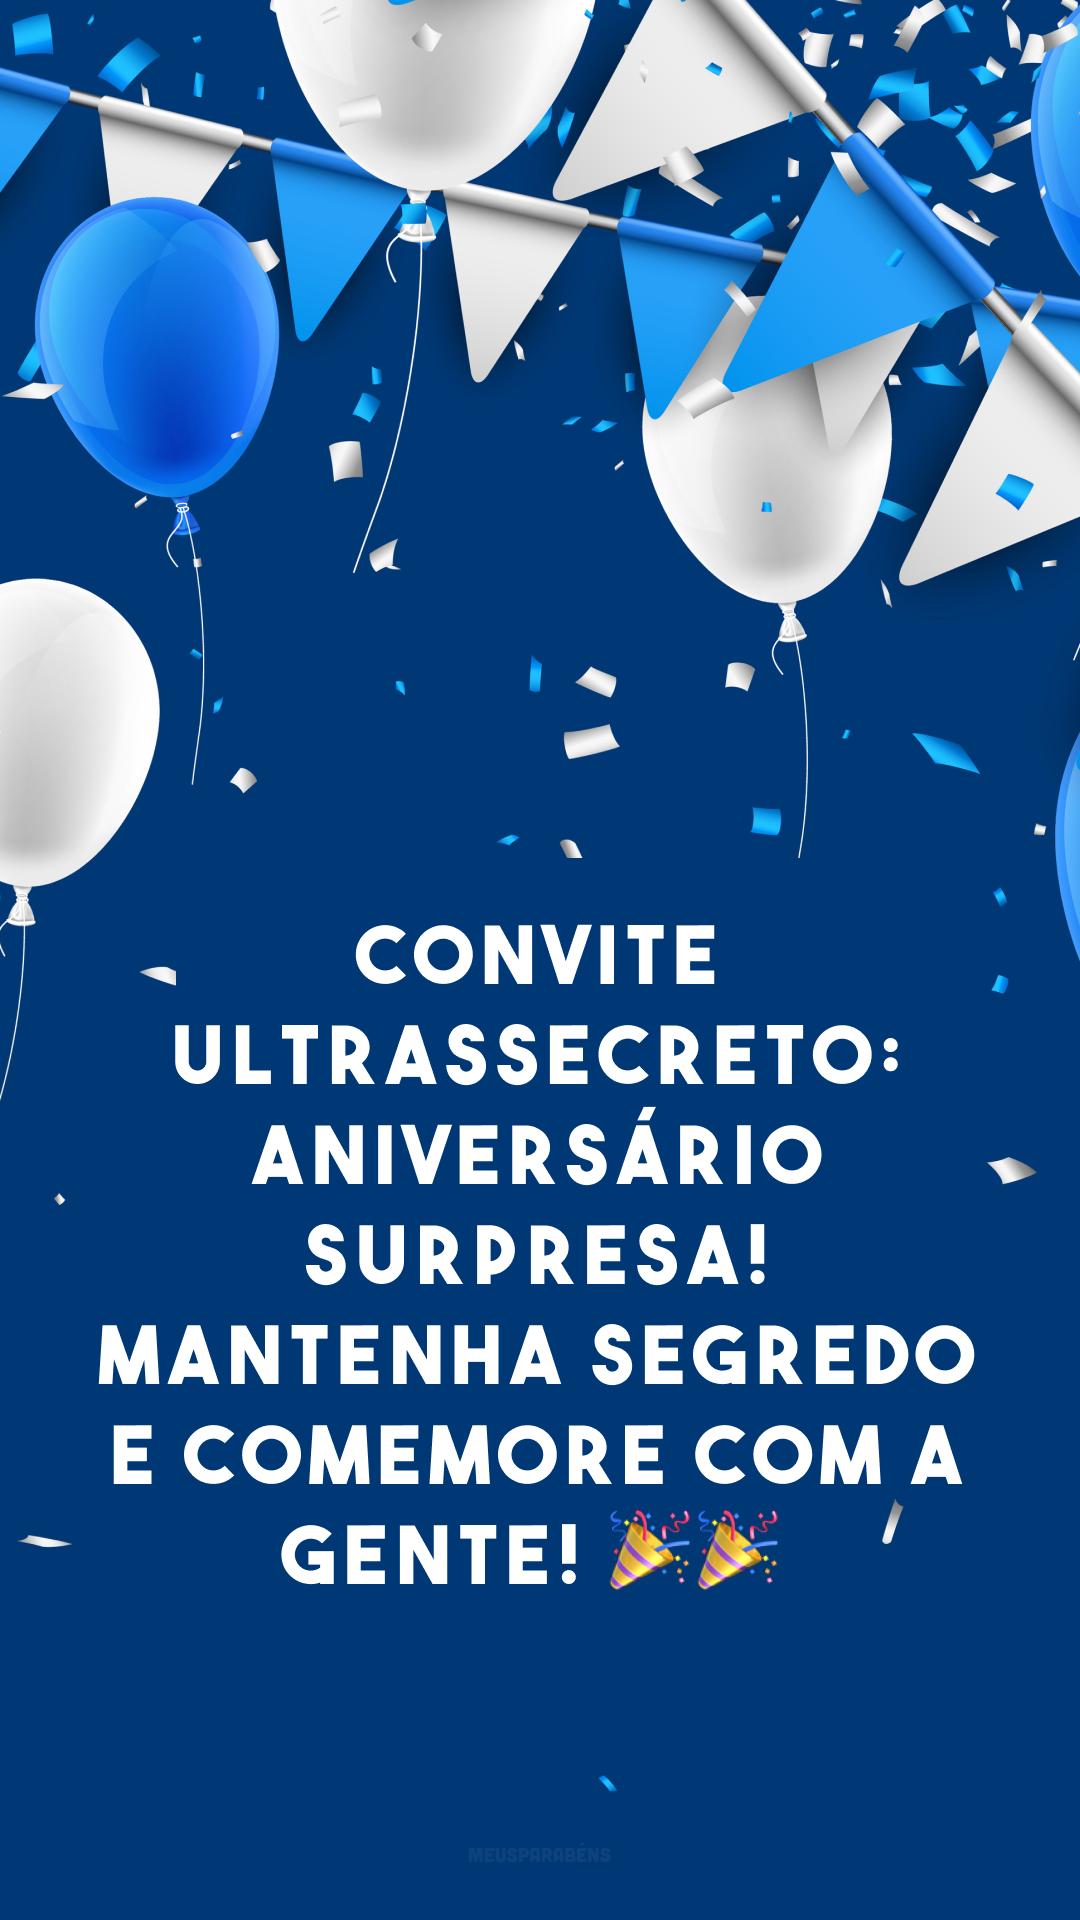 Convite ultrassecreto: aniversário surpresa! Mantenha segredo e comemore com a gente! 🎉🎉